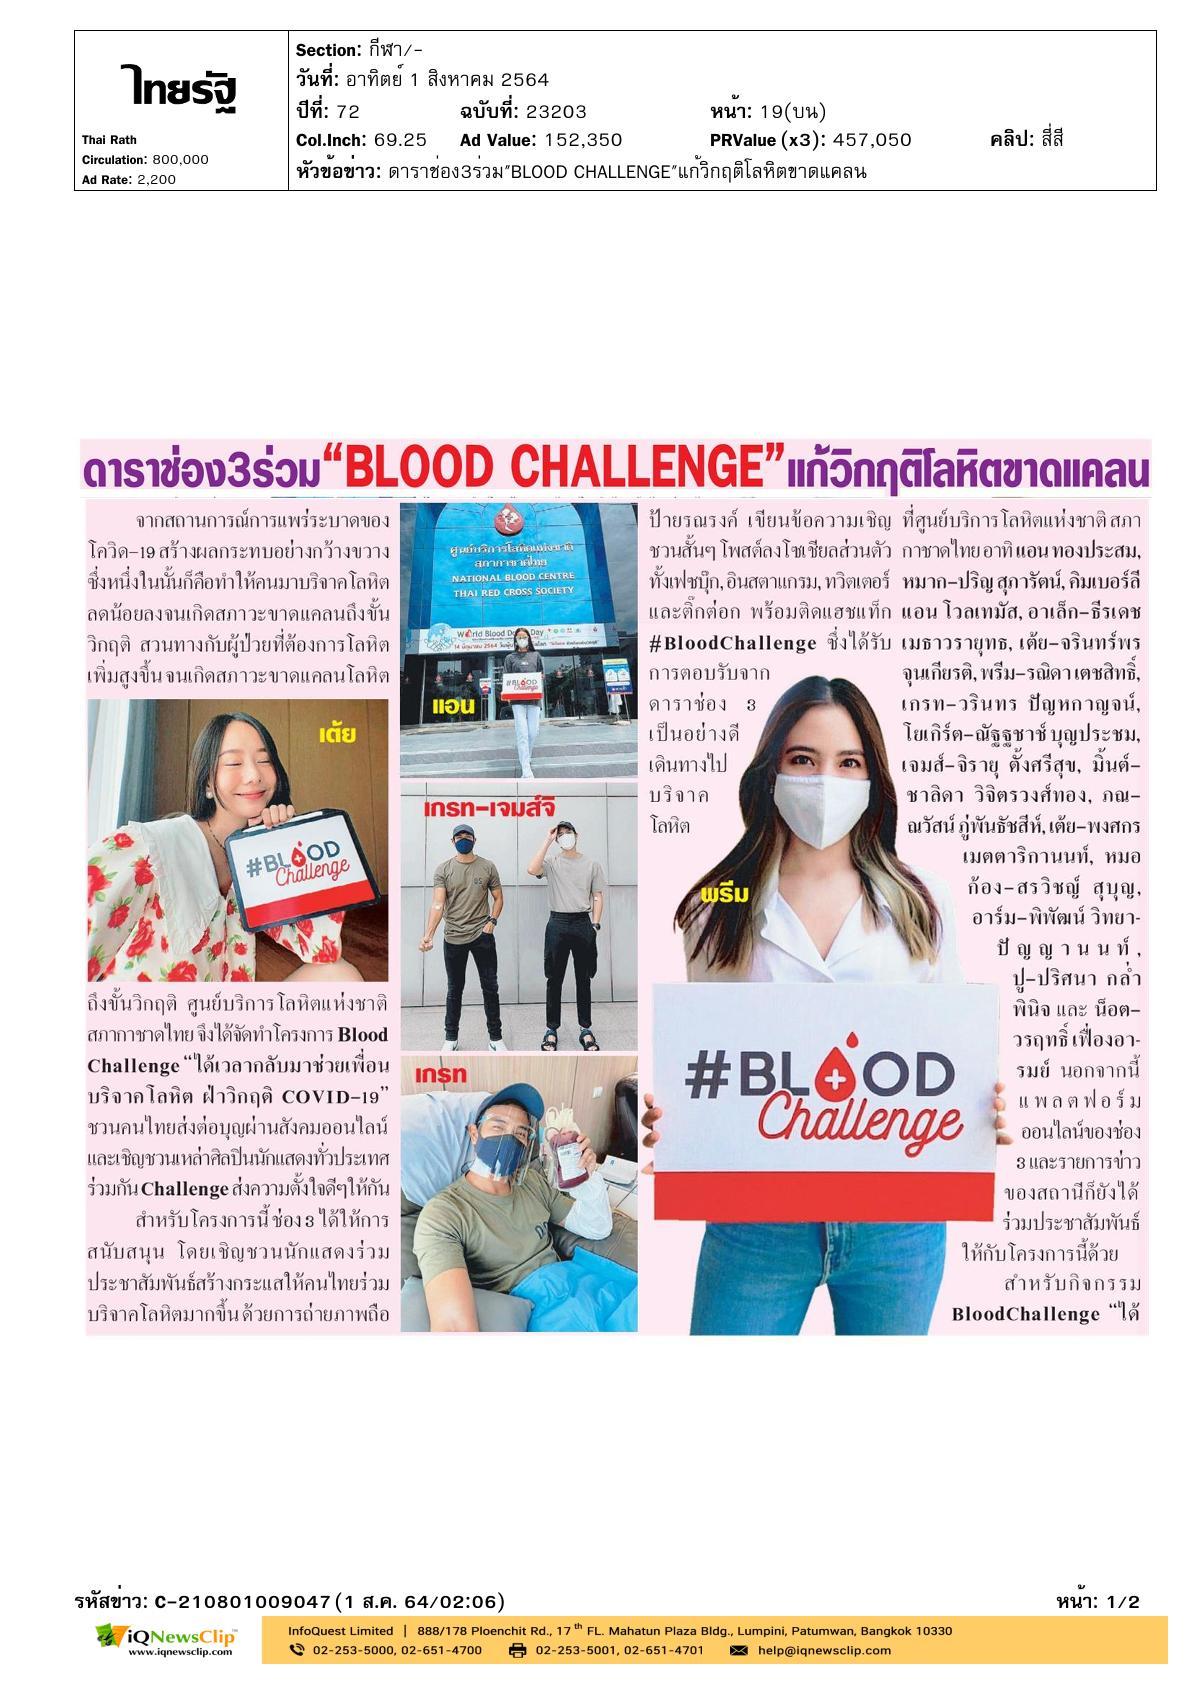 """โครงการ """"Blood Challenge """"  ได้เวลากลับมาช่วยเพื่อนบริจาคโลหิต ฝ่าวิกฤติ Covid-19"""